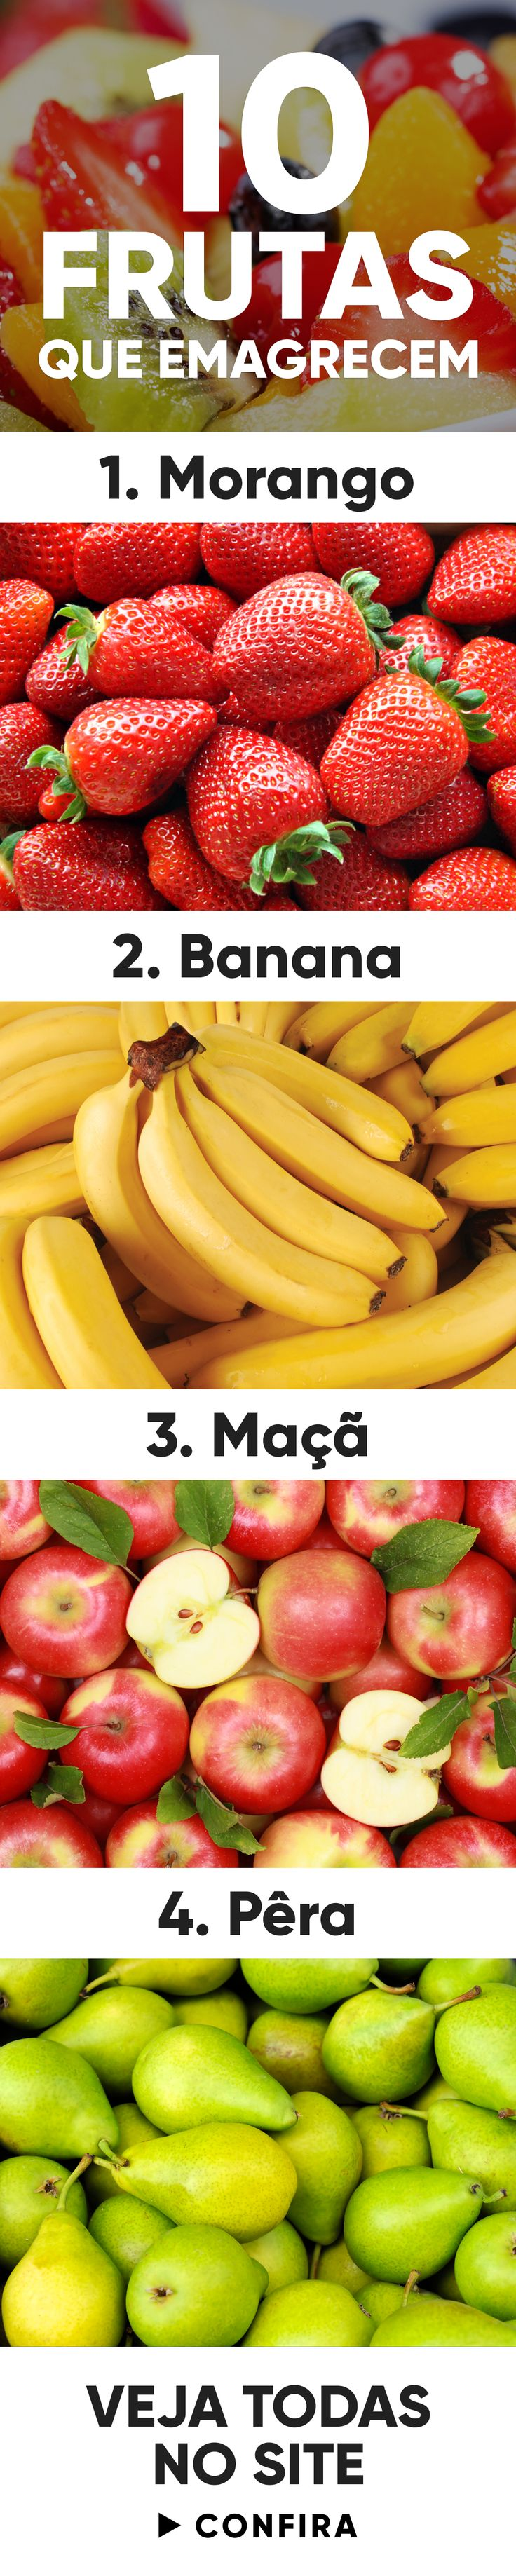 Uma boa estratégia para emagrecer e perder barriga é comer diariamente frutas que emagrecem, como morango, pêra e melancia porque estas frutas contém menos calorias que o corpo precisa gastar na sua digestão e também contém fibras e outras propriedades que ajudam o corpo a emagrecer.